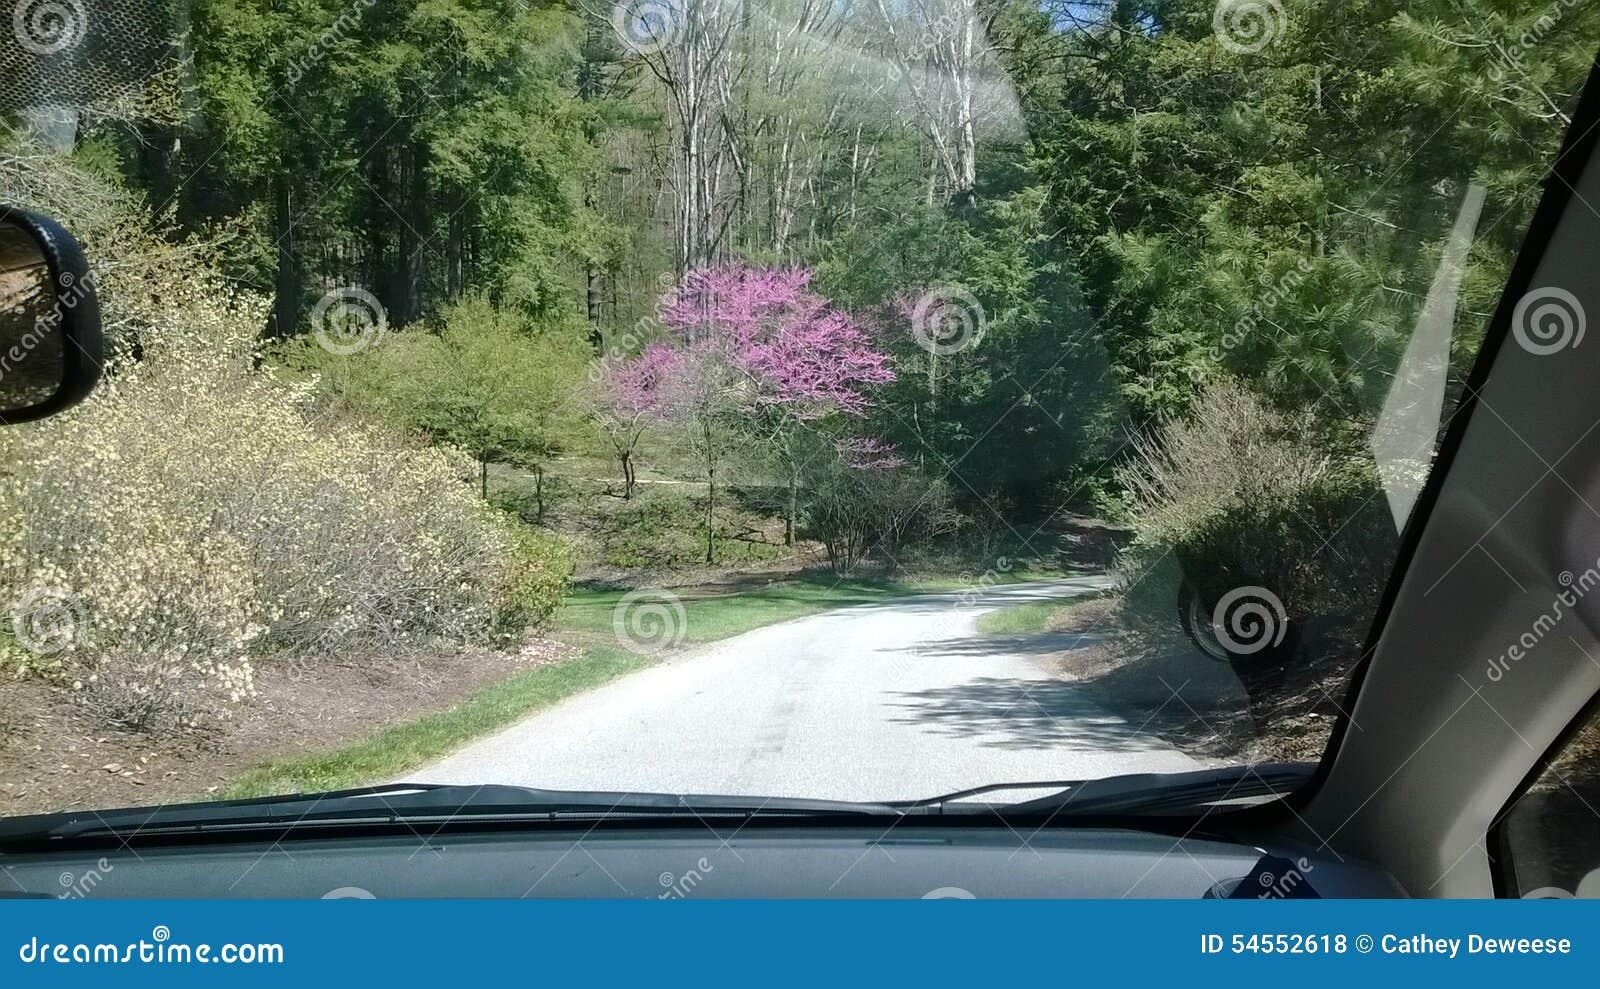 Мирный привод в парке во время весны